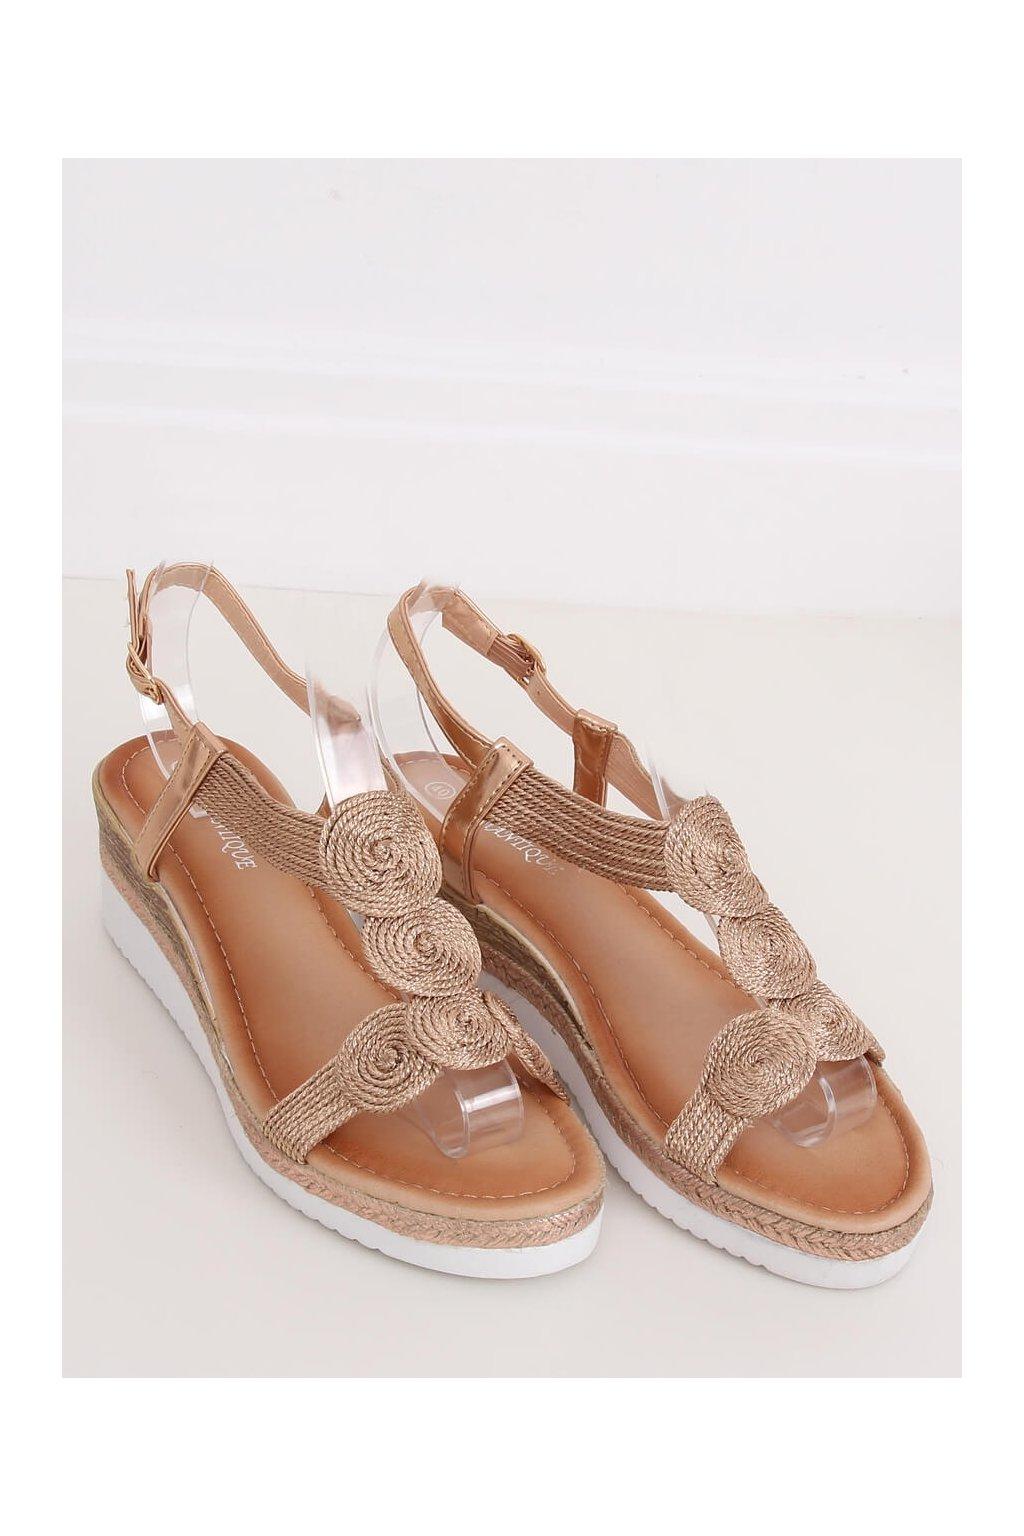 Ružové sandále NJSK L6628